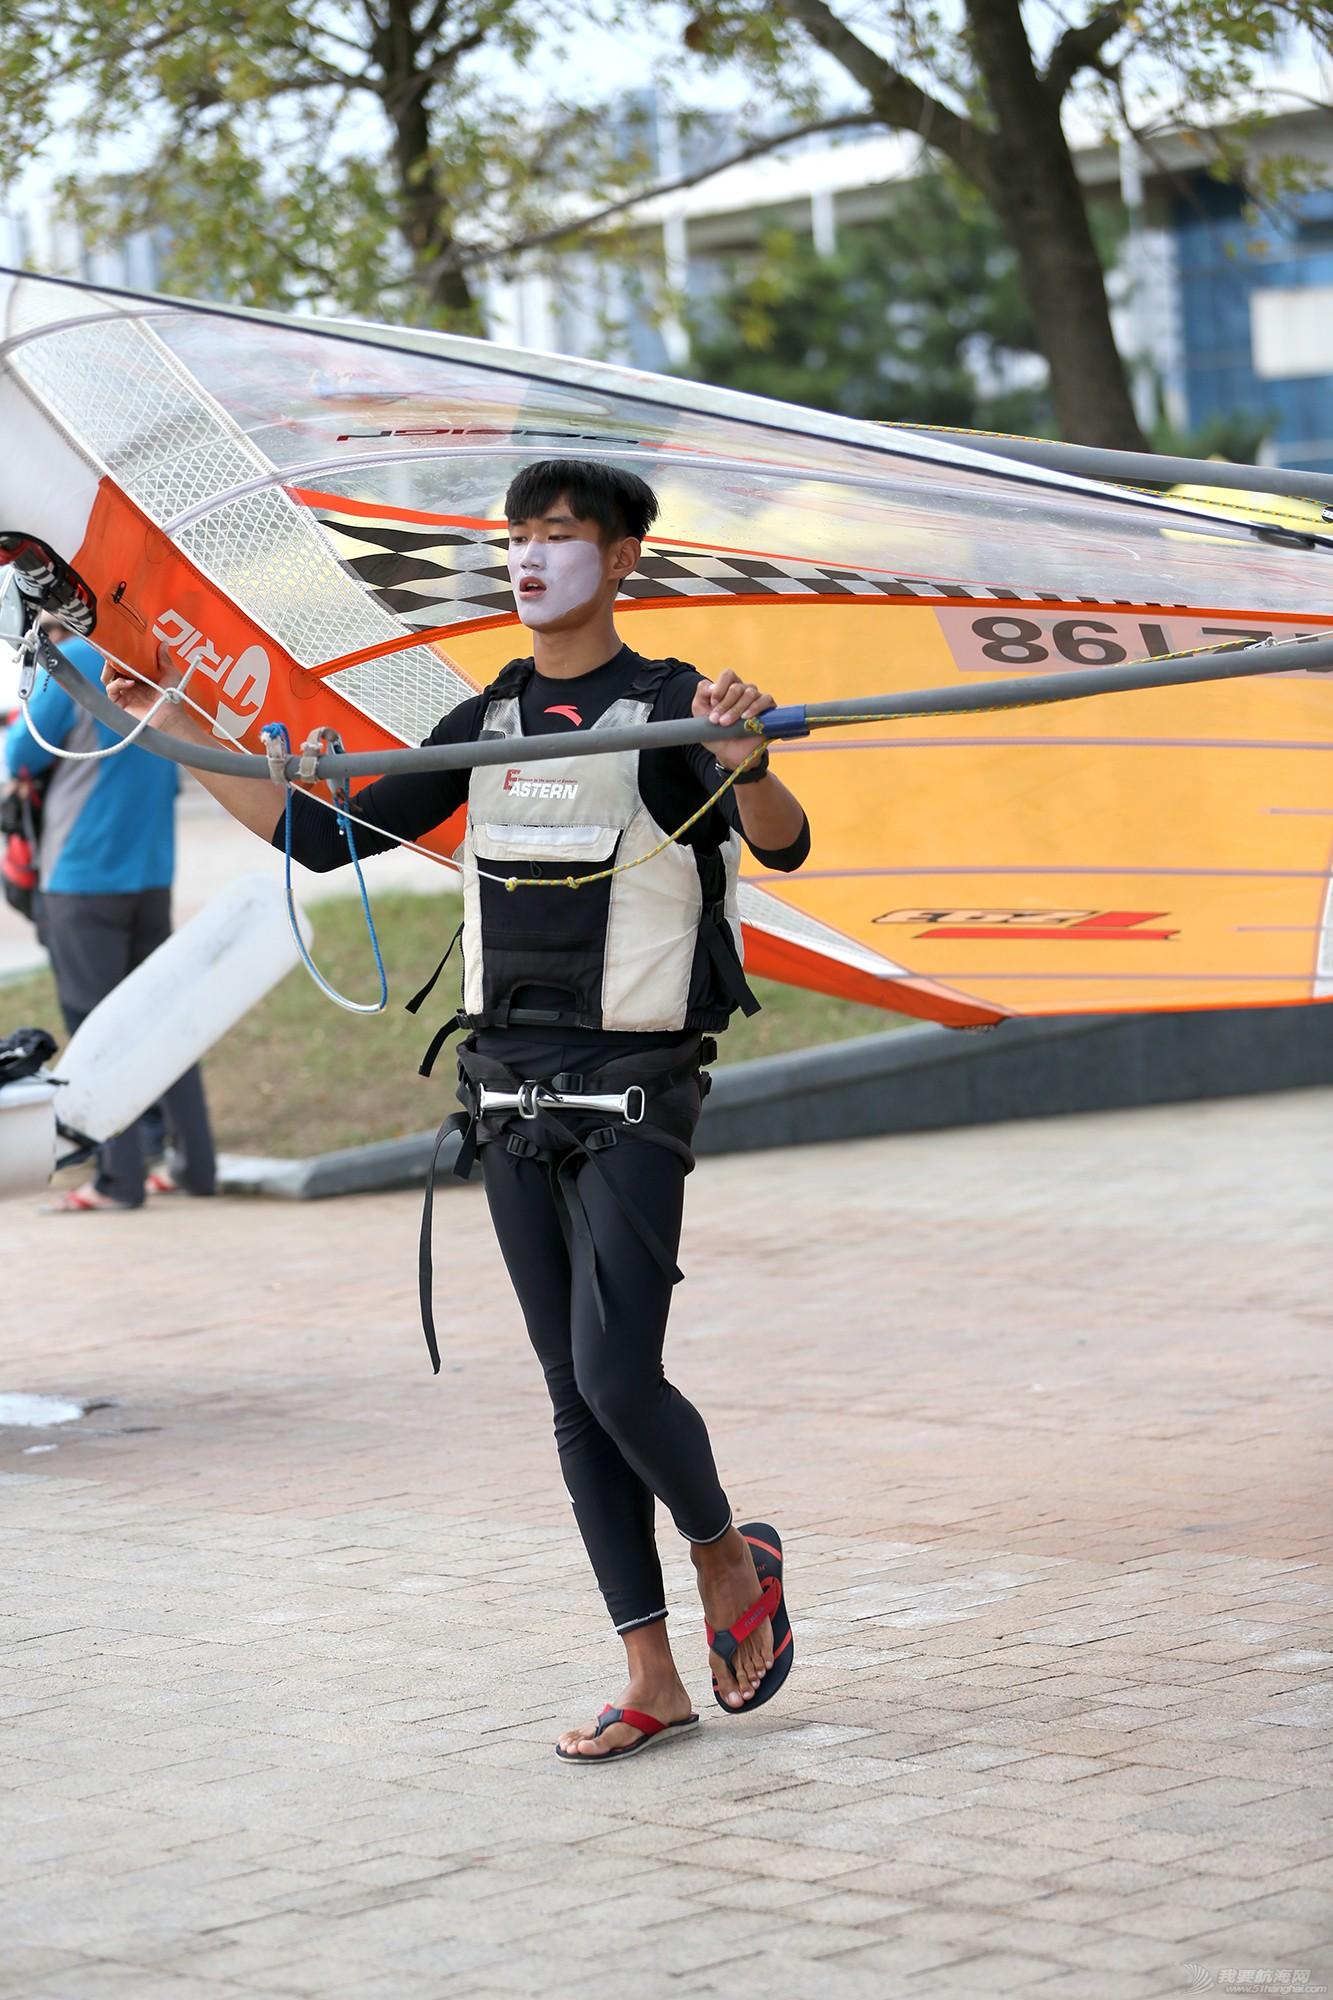 山东省,冠军赛,帆板,帆船 忙碌的赛前准备——山东省帆船帆板冠军赛花絮 5V8A9606.JPG